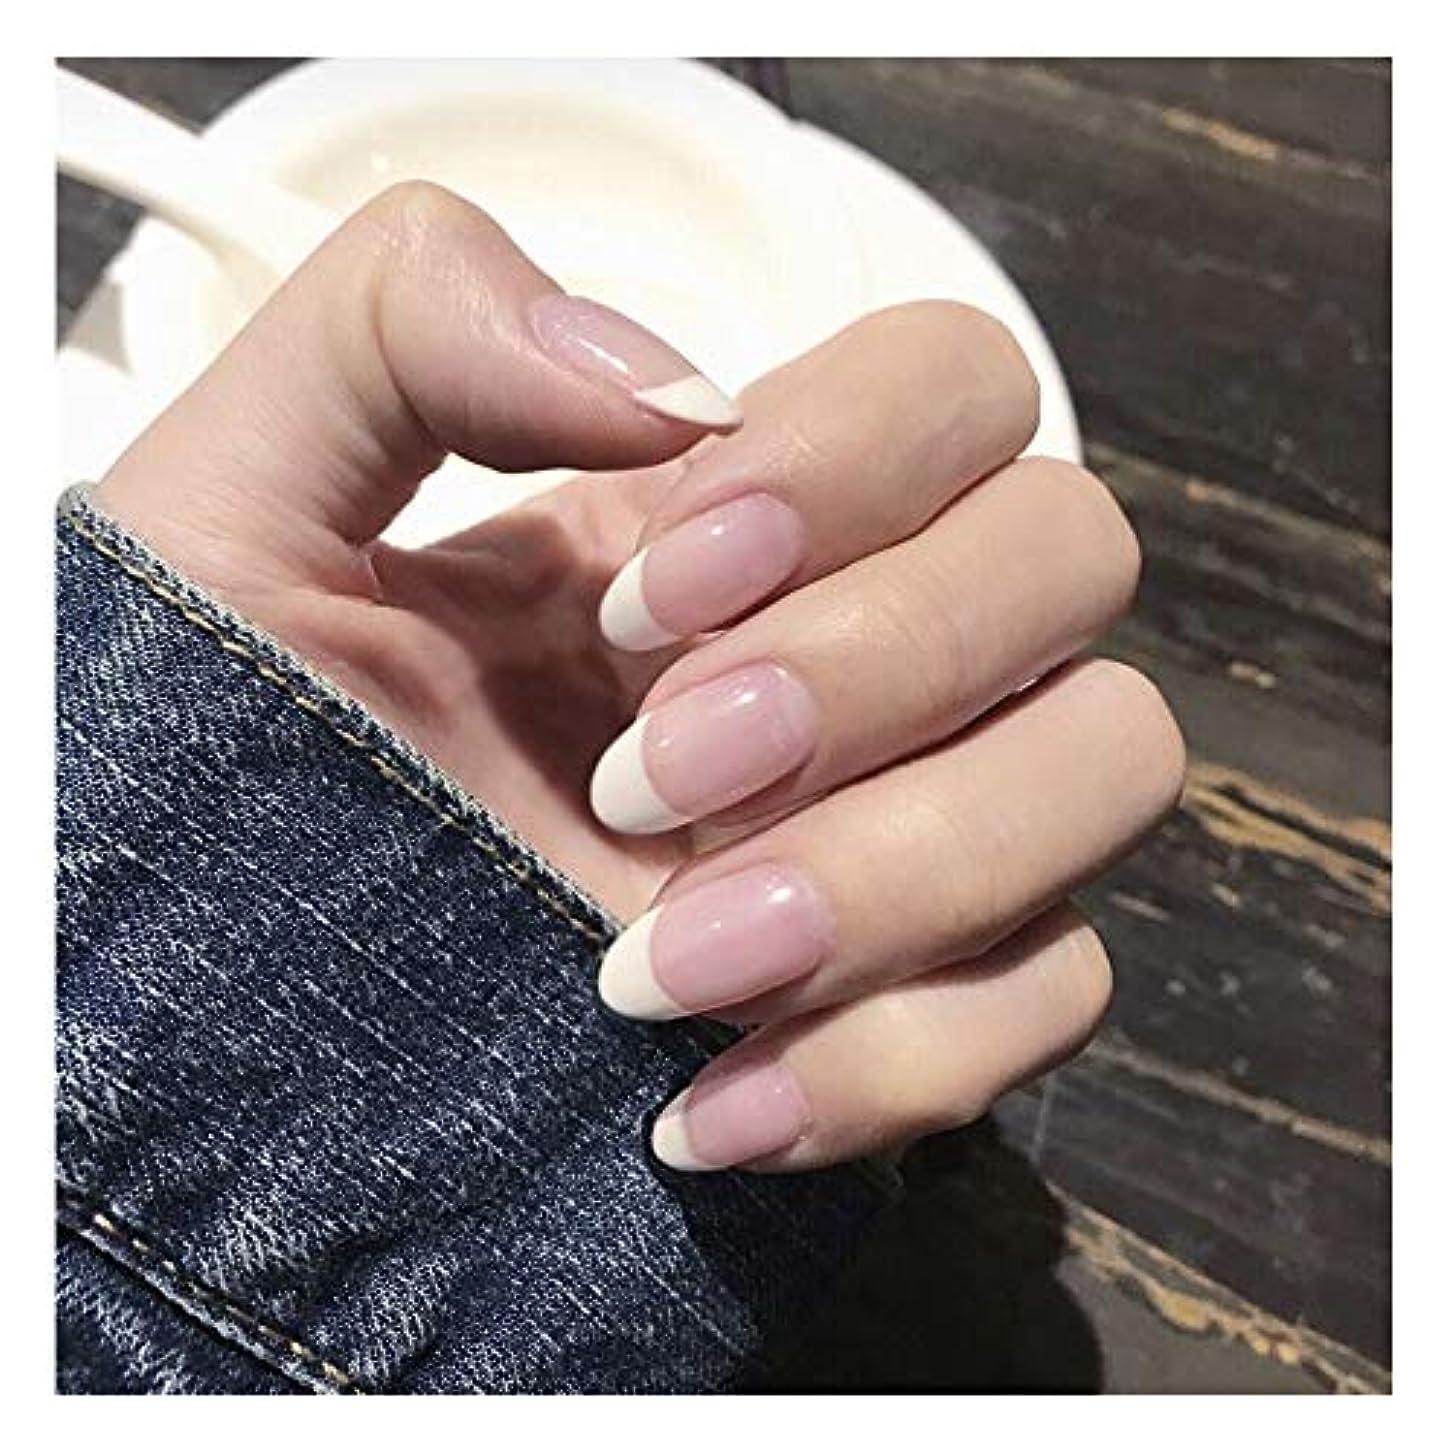 磁石切手自我LVUITTON 透明ピンク+ホワイト下部偽爪ロングネイルズグルー完成ネイル偽爪を指摘しました (色 : 24 pieces)